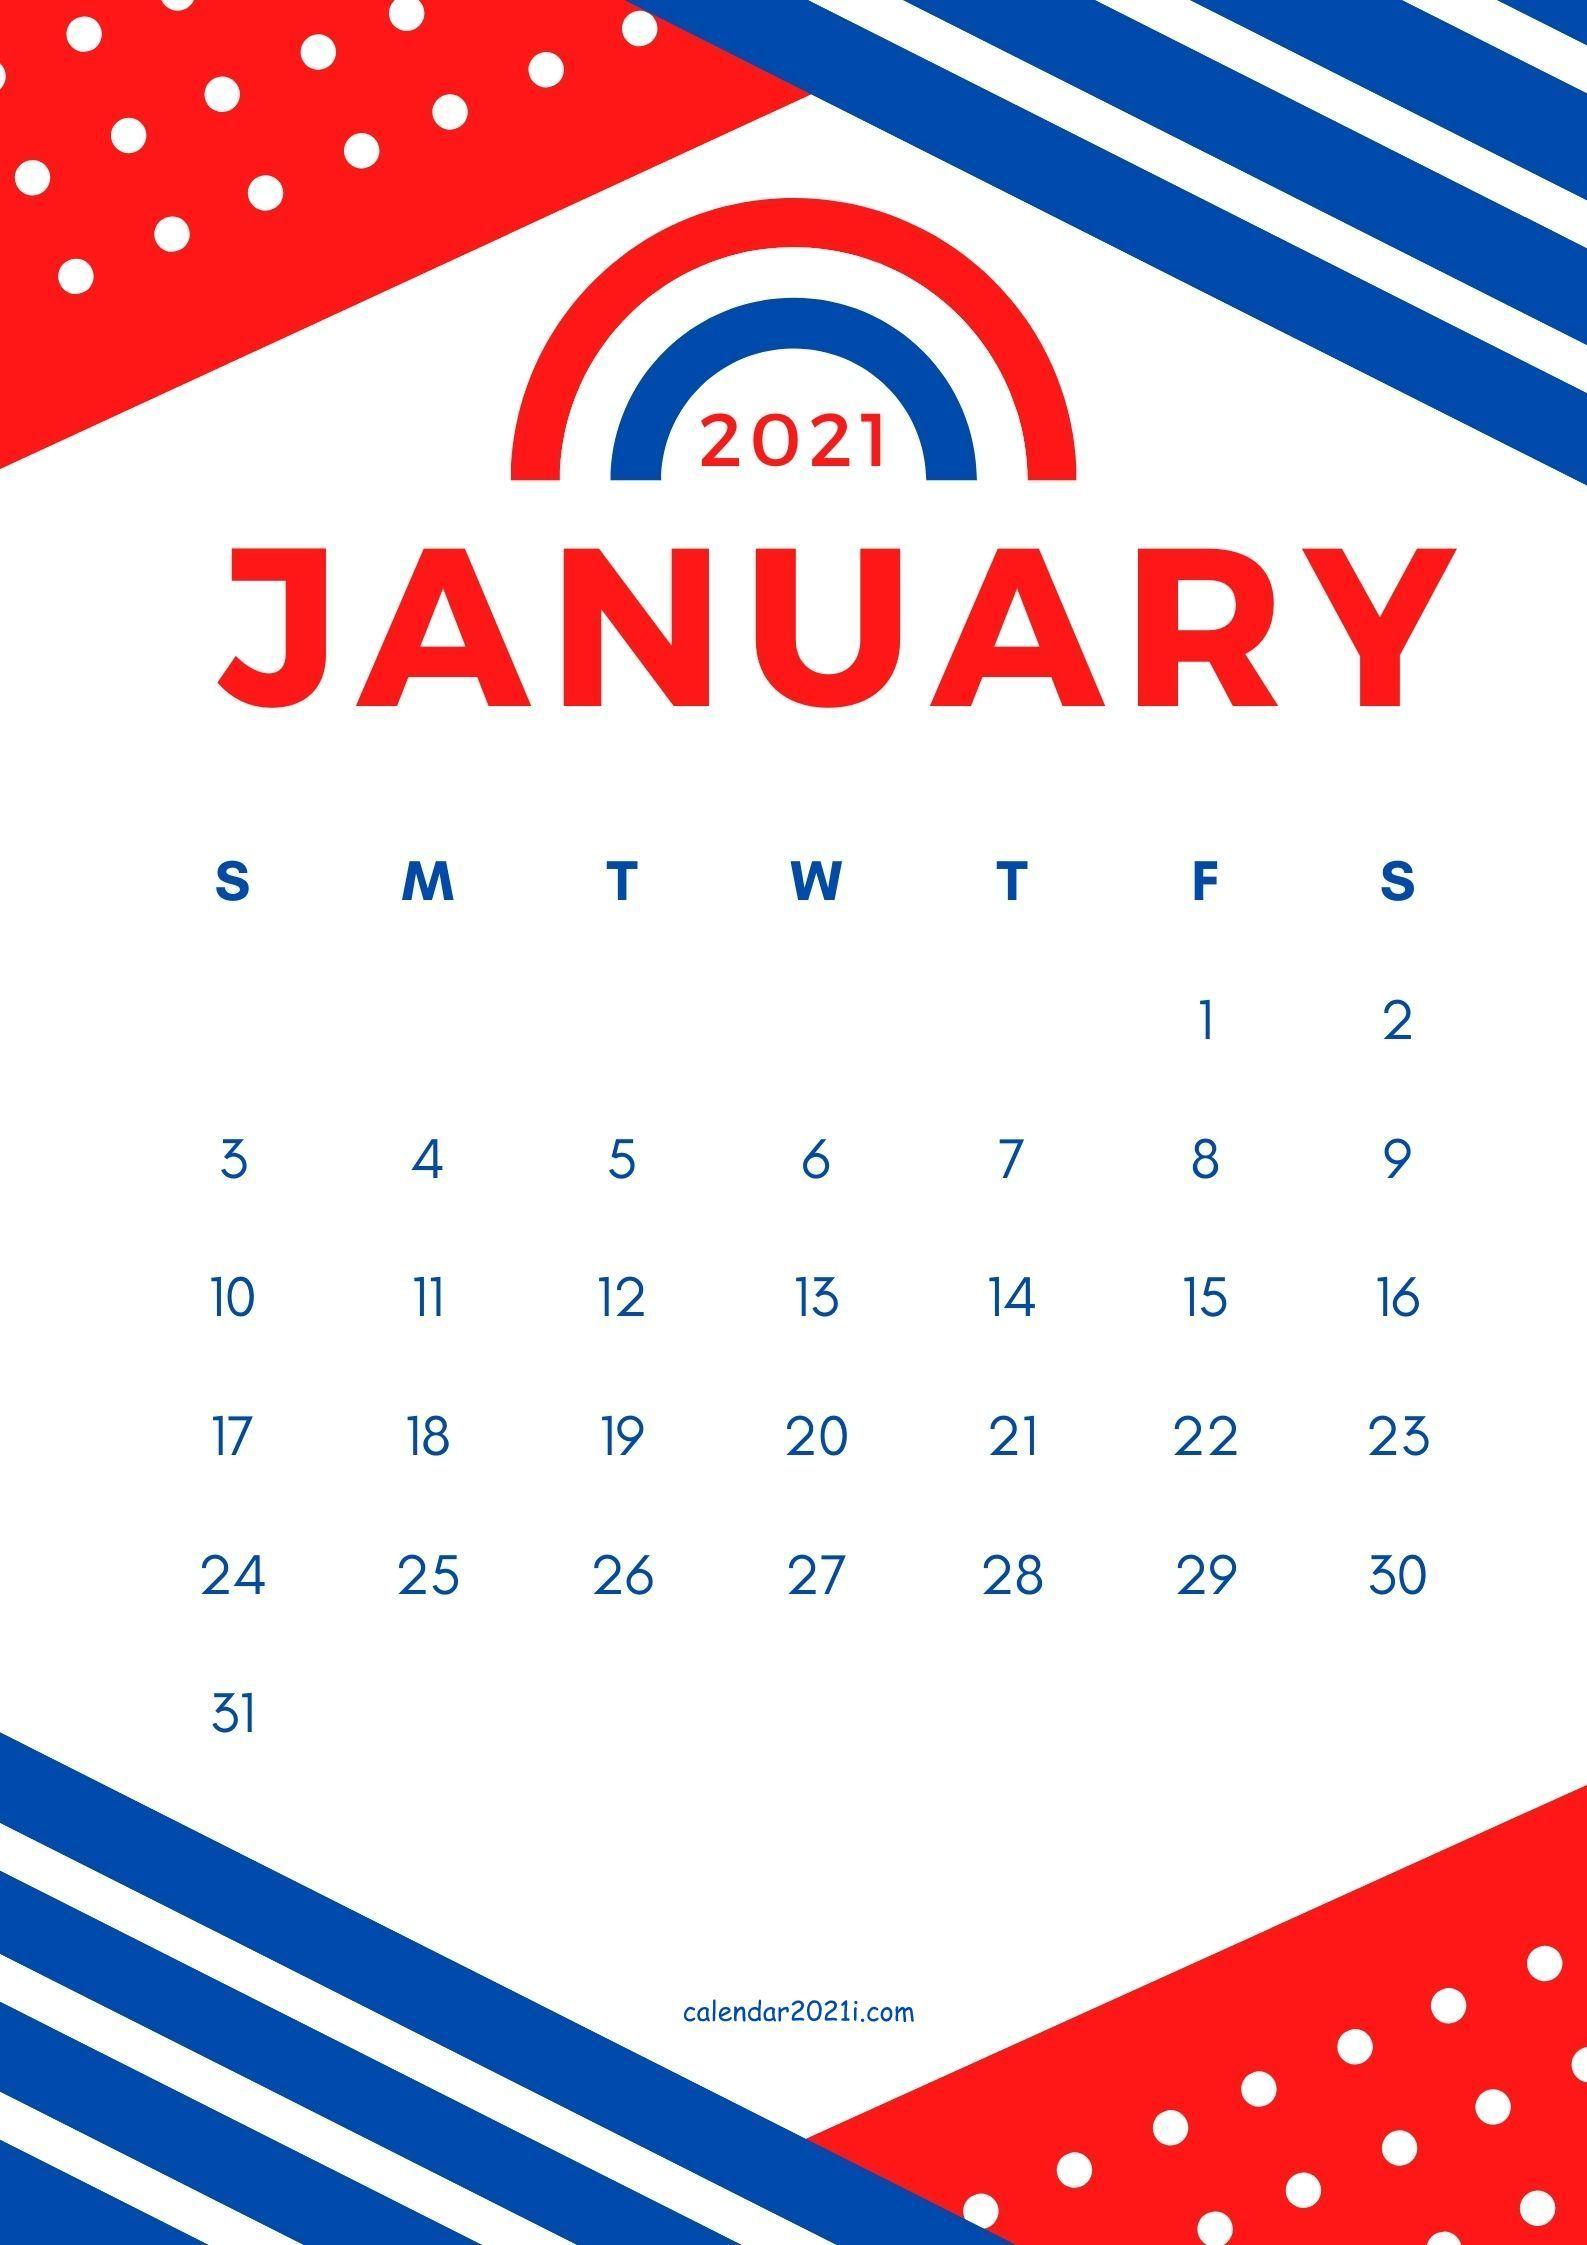 January 2021 Calendar Design Diy Theme Idea In Red And Blue Color Combination Calendar Design Calendar Design Template 2021 Calendar